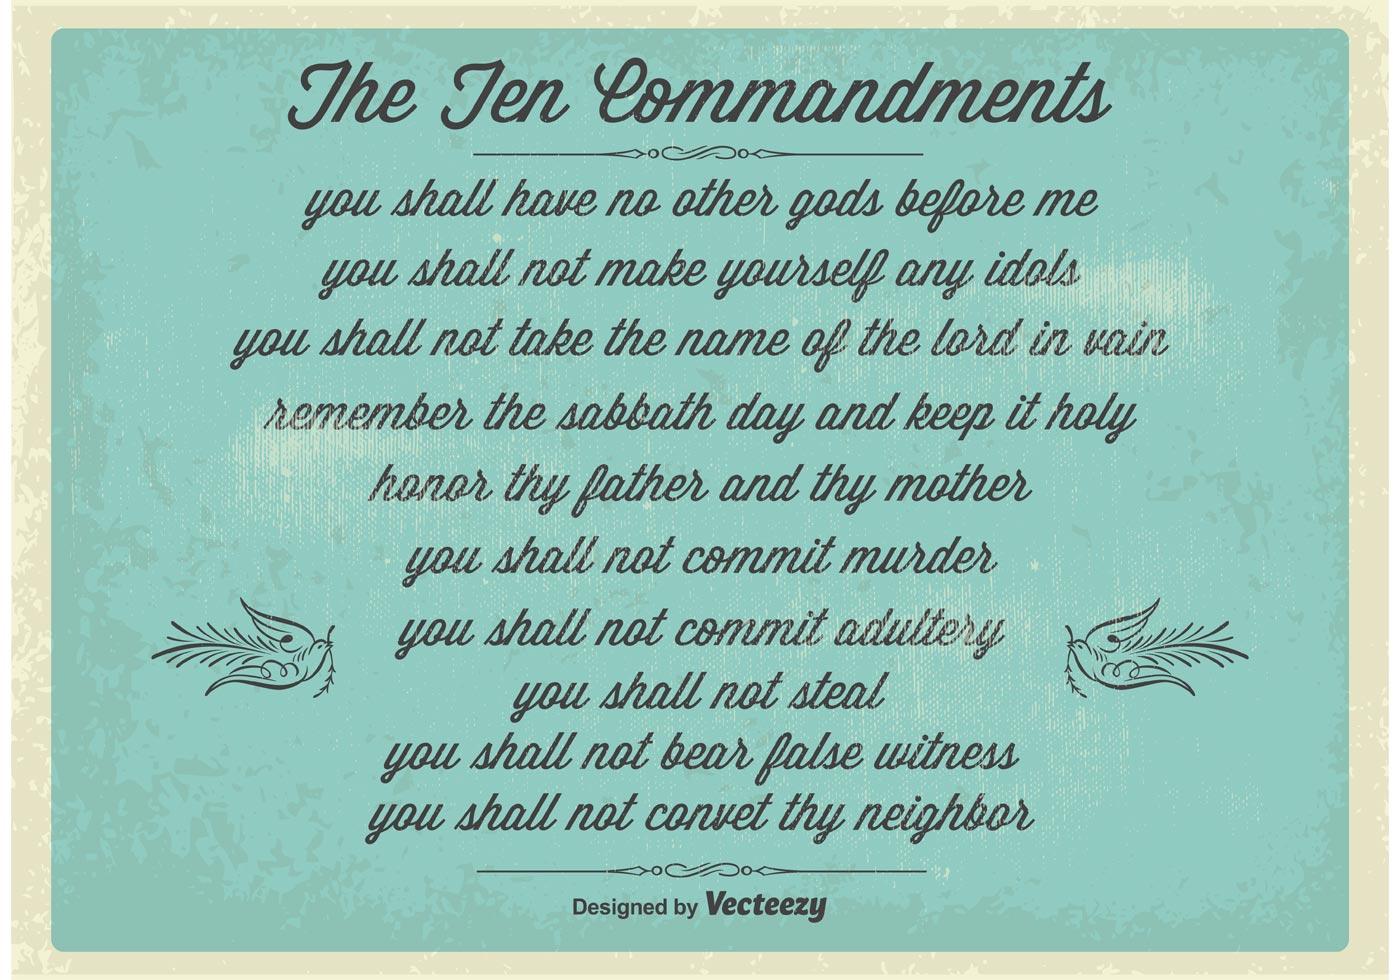 Vintage Ten Commandments Poster Download Free Vectors Clipart